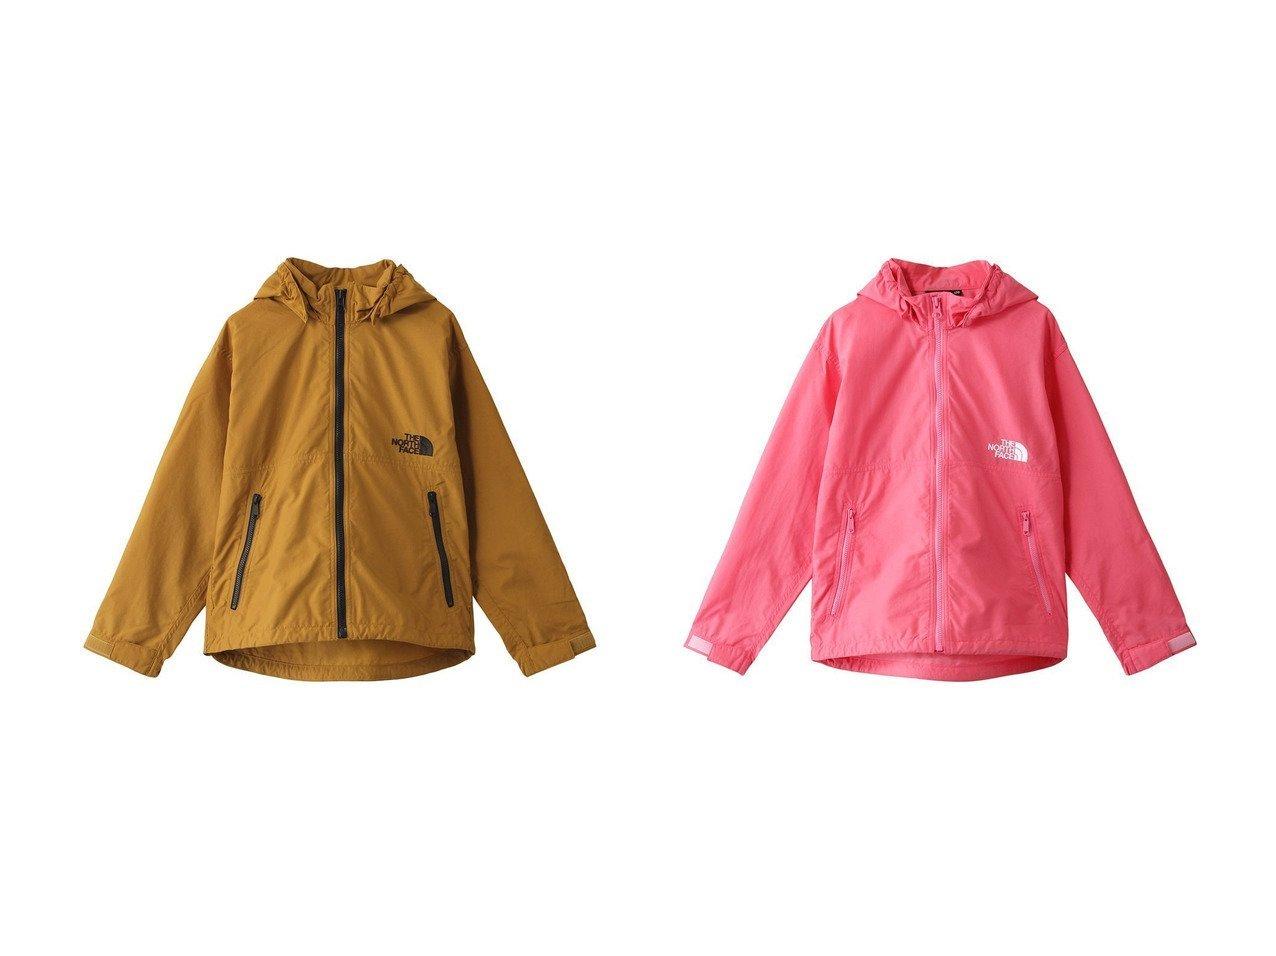 【THE NORTH FACE / KIDS/ザ ノース フェイス】の【KIDS】コンパクトジャケット 【KIDS】子供服のおすすめ!人気トレンド・キッズファッションの通販  おすすめで人気の流行・トレンド、ファッションの通販商品 メンズファッション・キッズファッション・インテリア・家具・レディースファッション・服の通販 founy(ファニー) https://founy.com/ ファッション Fashion キッズファッション KIDS アウター Coat Outerwear Kids 2021年 2021 2021 春夏 S/S SS Spring/Summer 2021 S/S 春夏 SS Spring/Summer アウトドア コンパクト ジャケット 定番 Standard 春 Spring |ID:crp329100000024355